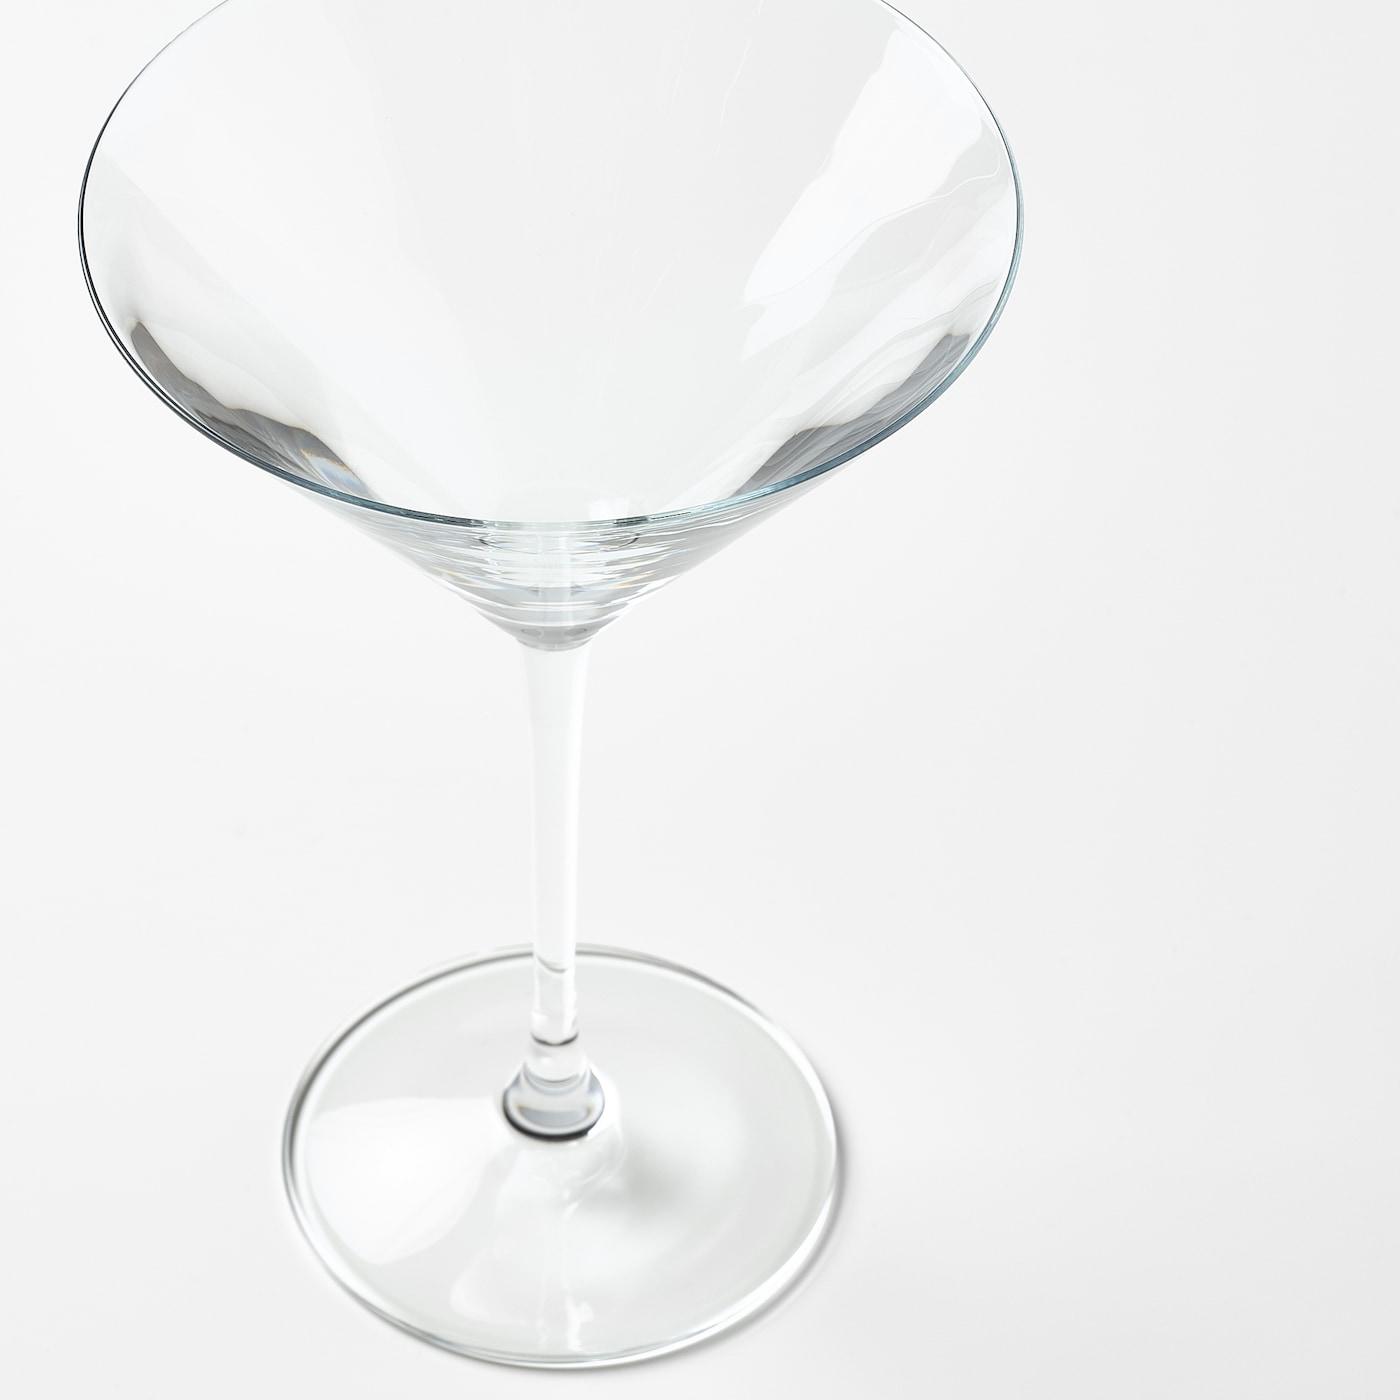 STORSINT Martini glass, clear glass, 8 oz